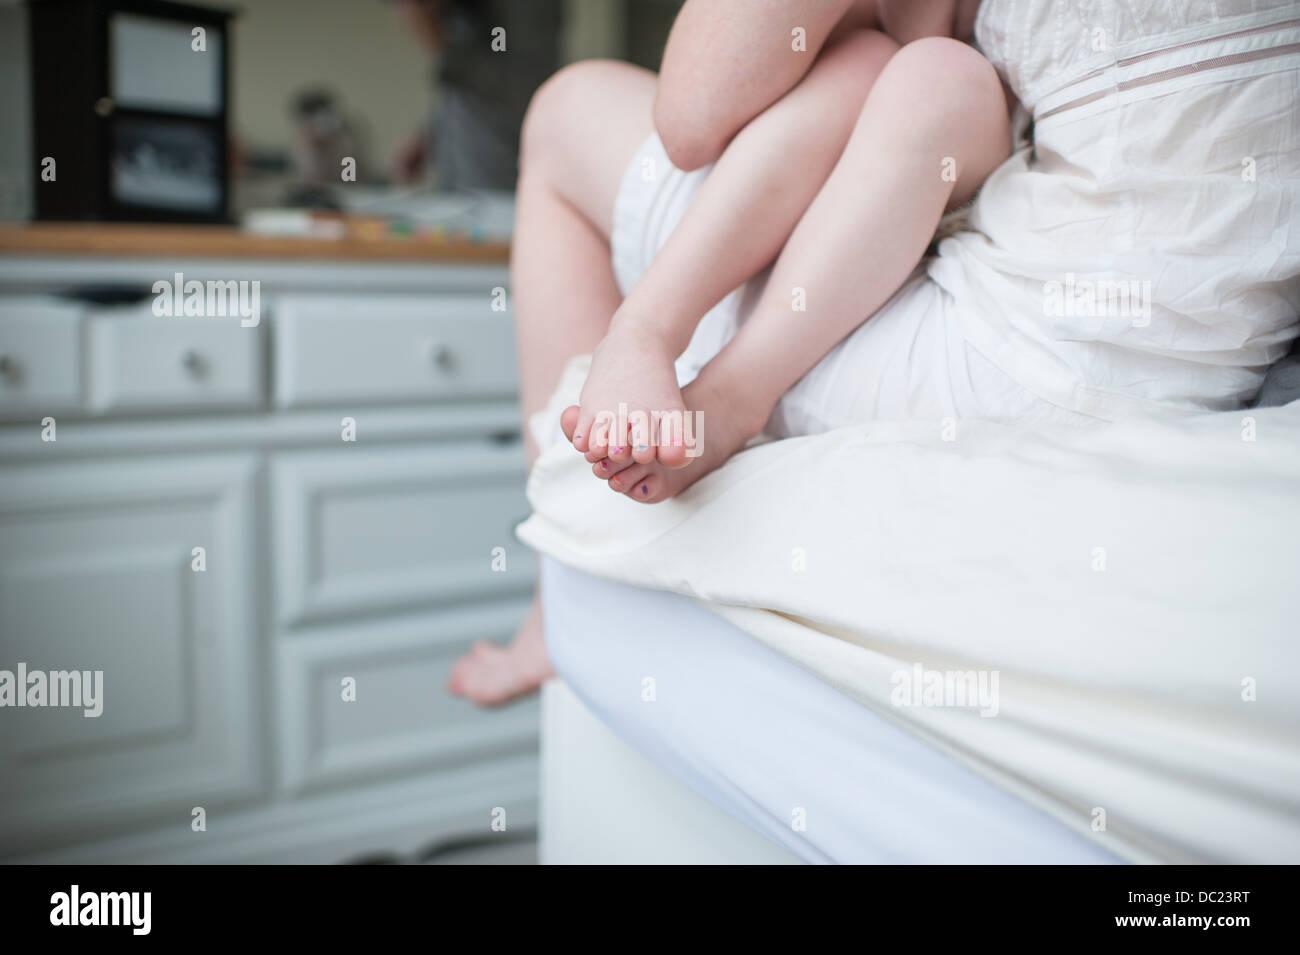 Hija sentado en las rodillas de la madre, composición recortada de piernas y pies desnudos Imagen De Stock